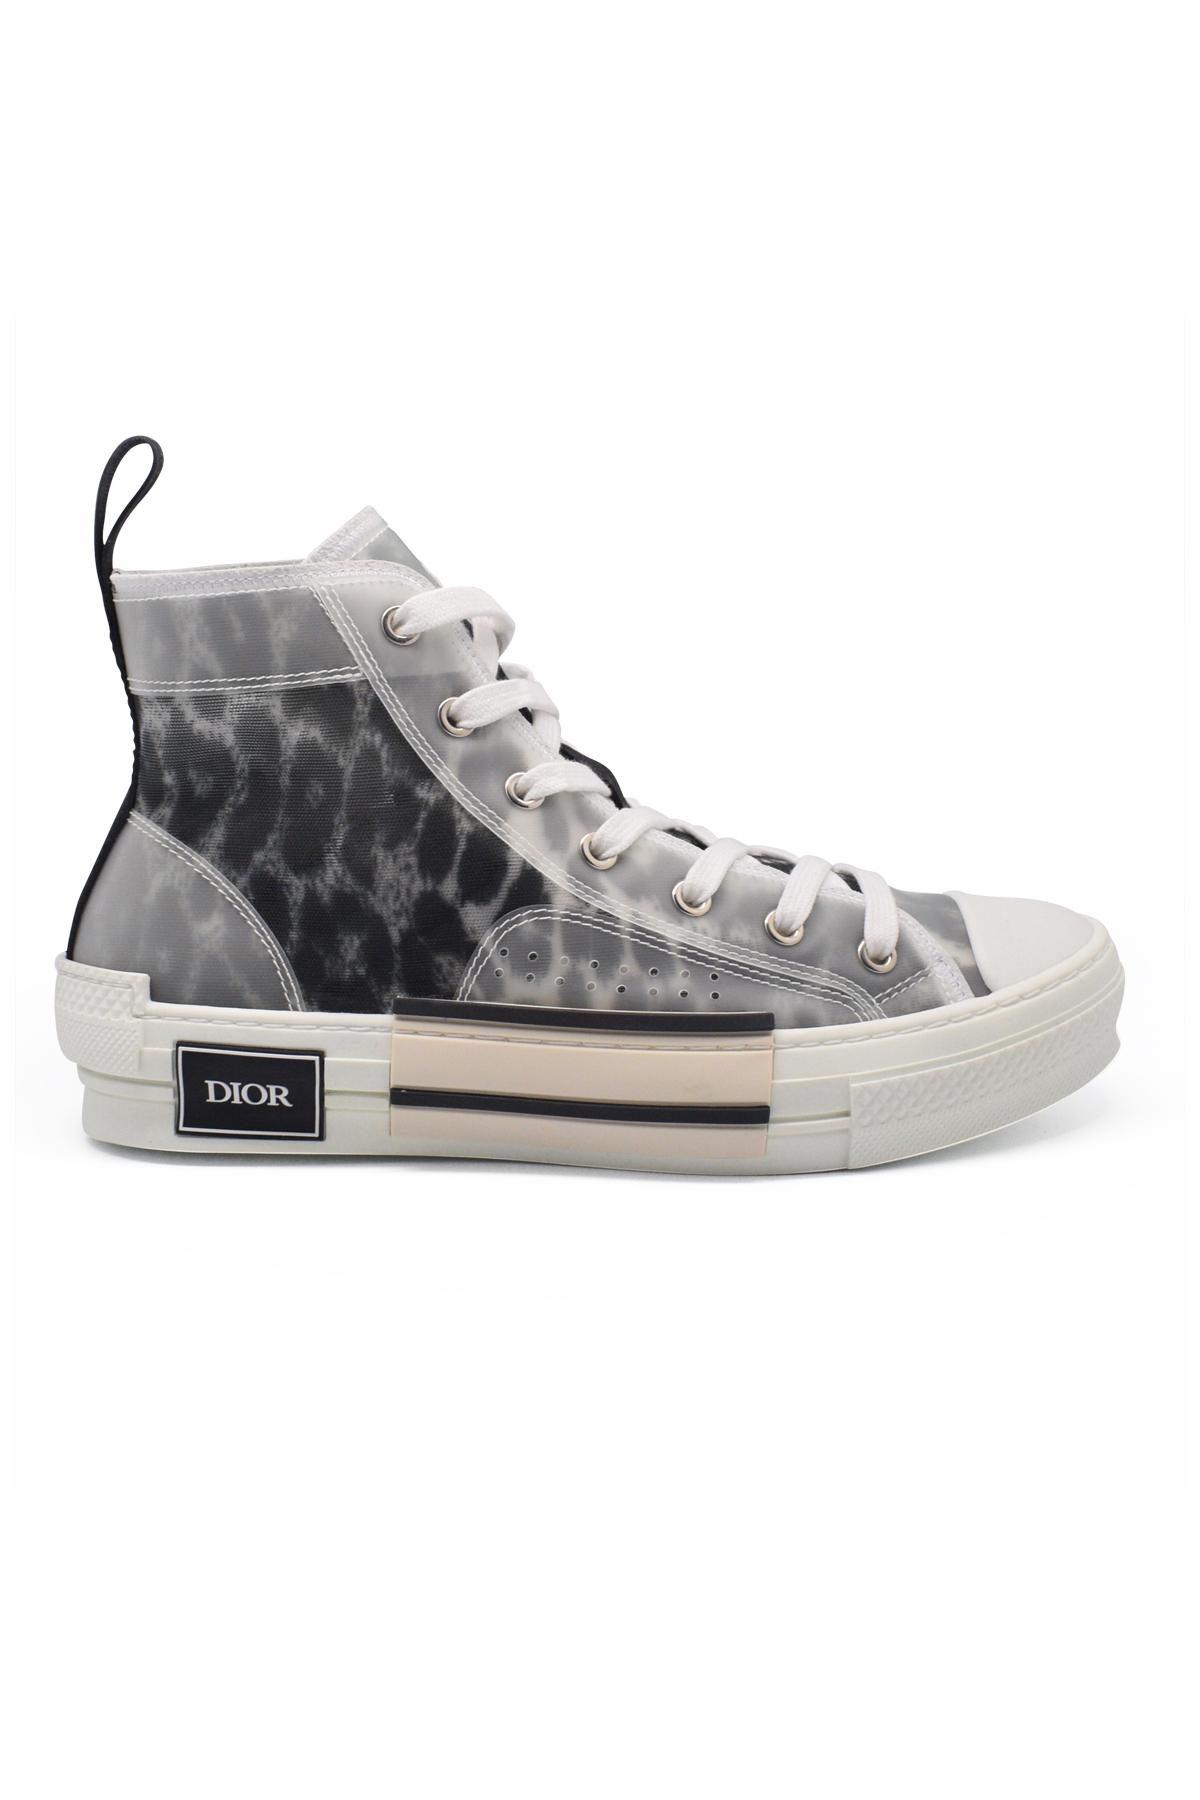 Sneakers Dior B23